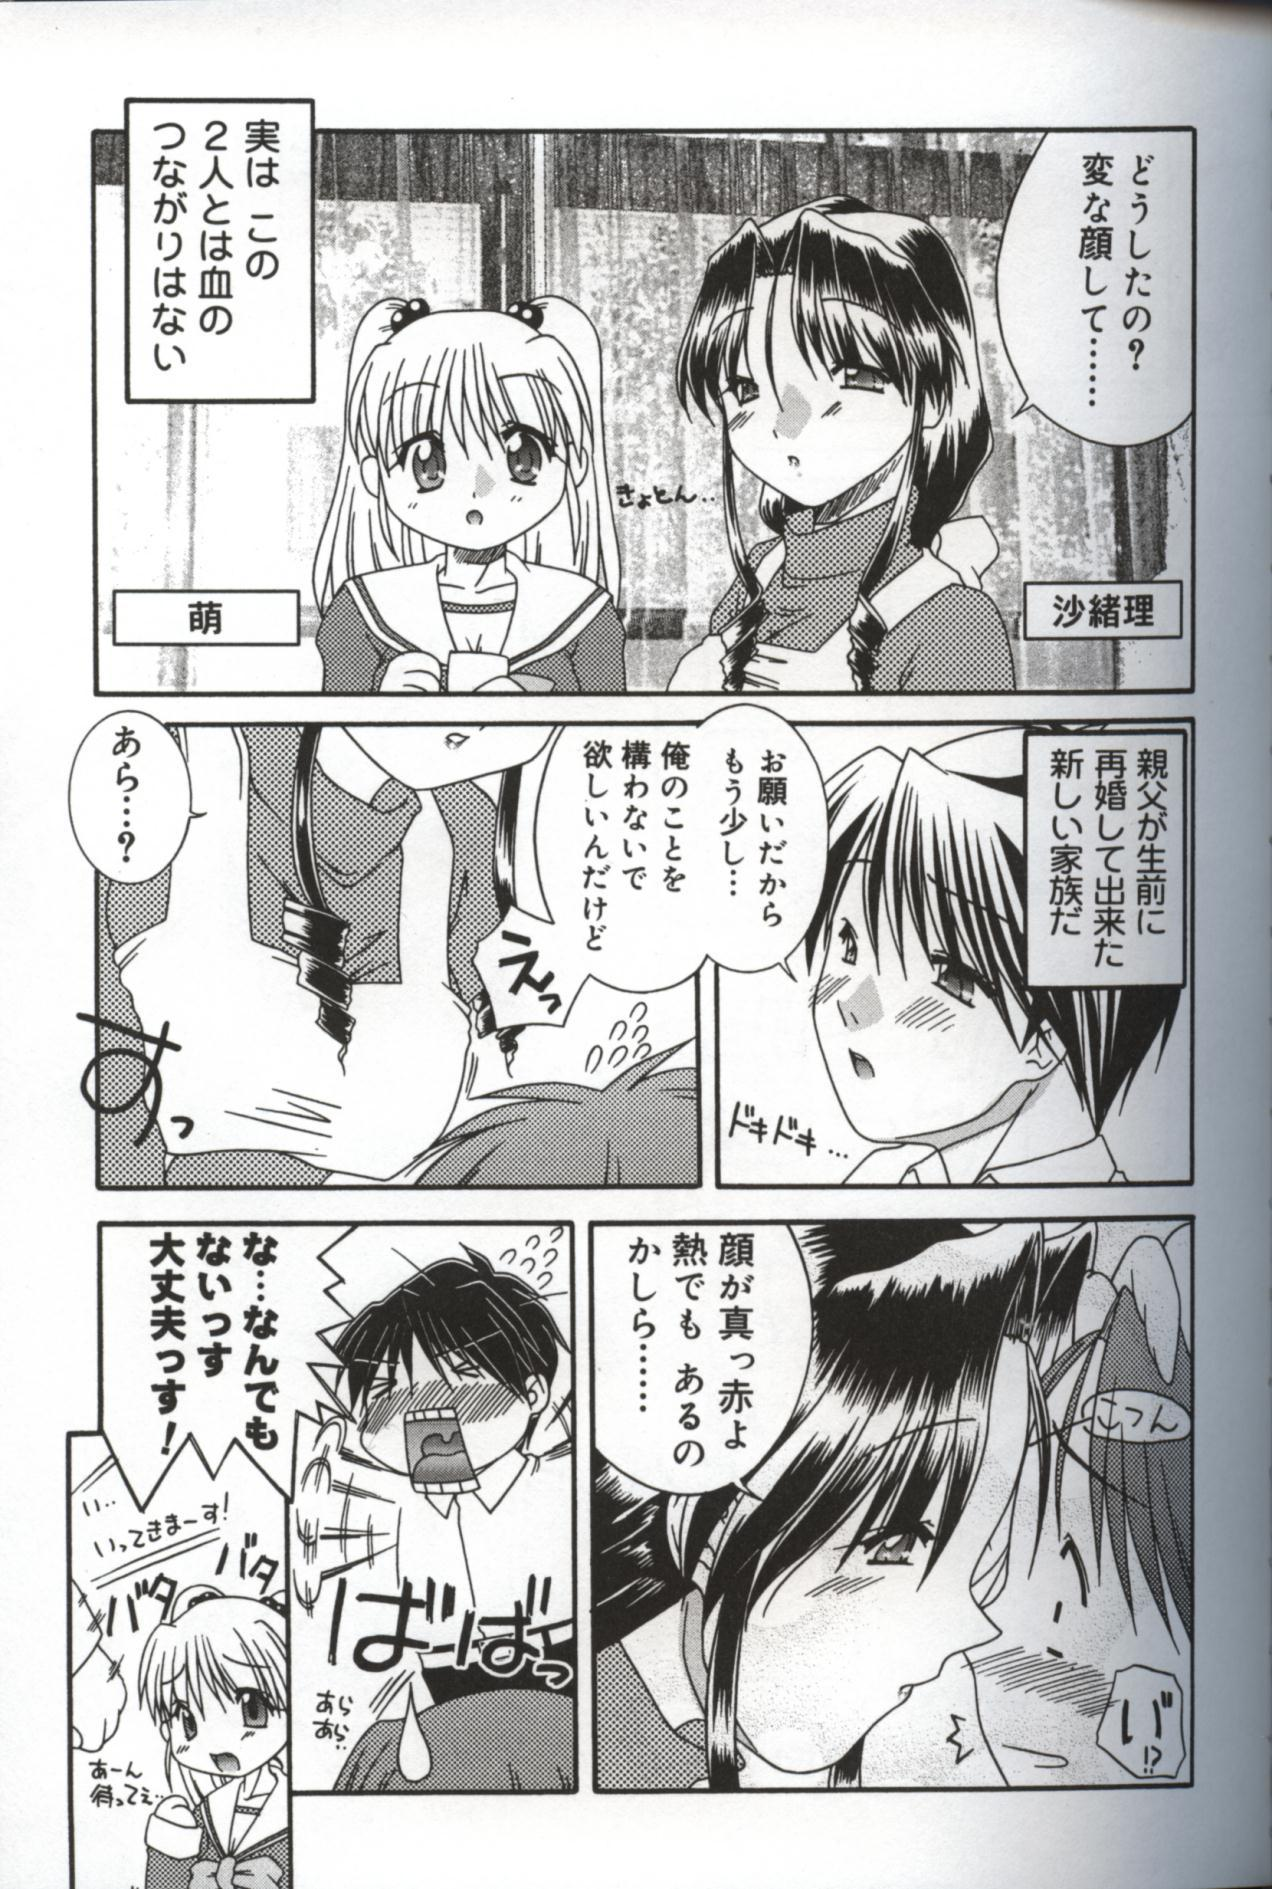 Hatsujou ♡ Oneesama 71